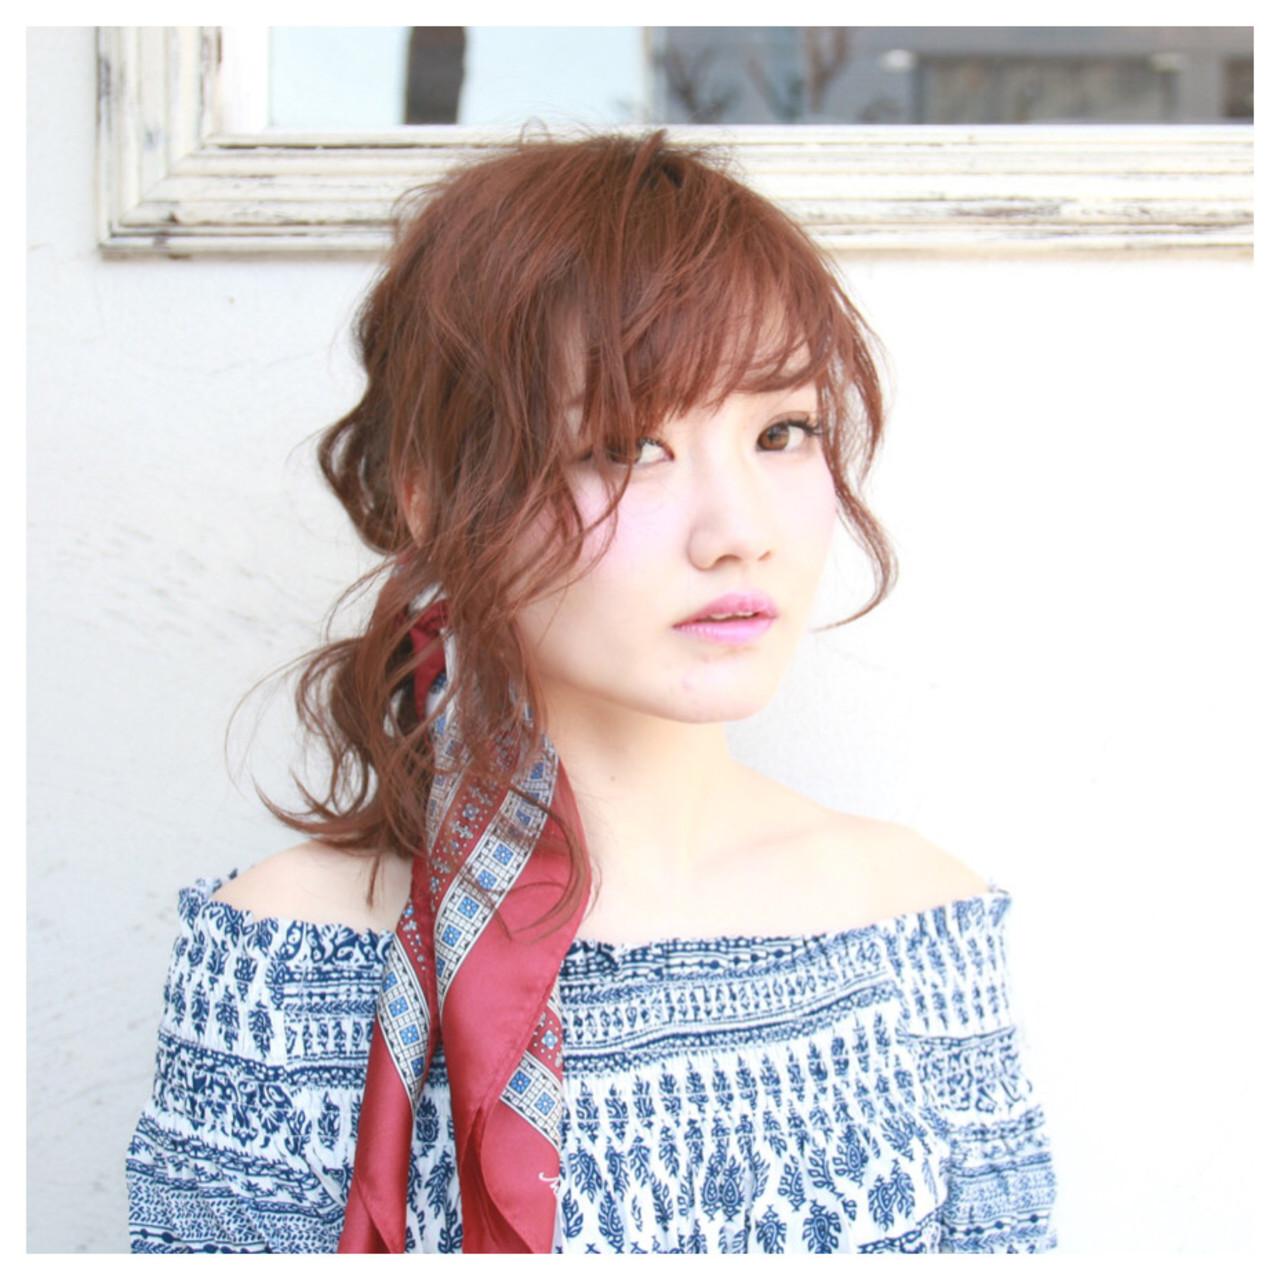 ハーフアップ フィッシュボーン デート ミディアム ヘアスタイルや髪型の写真・画像